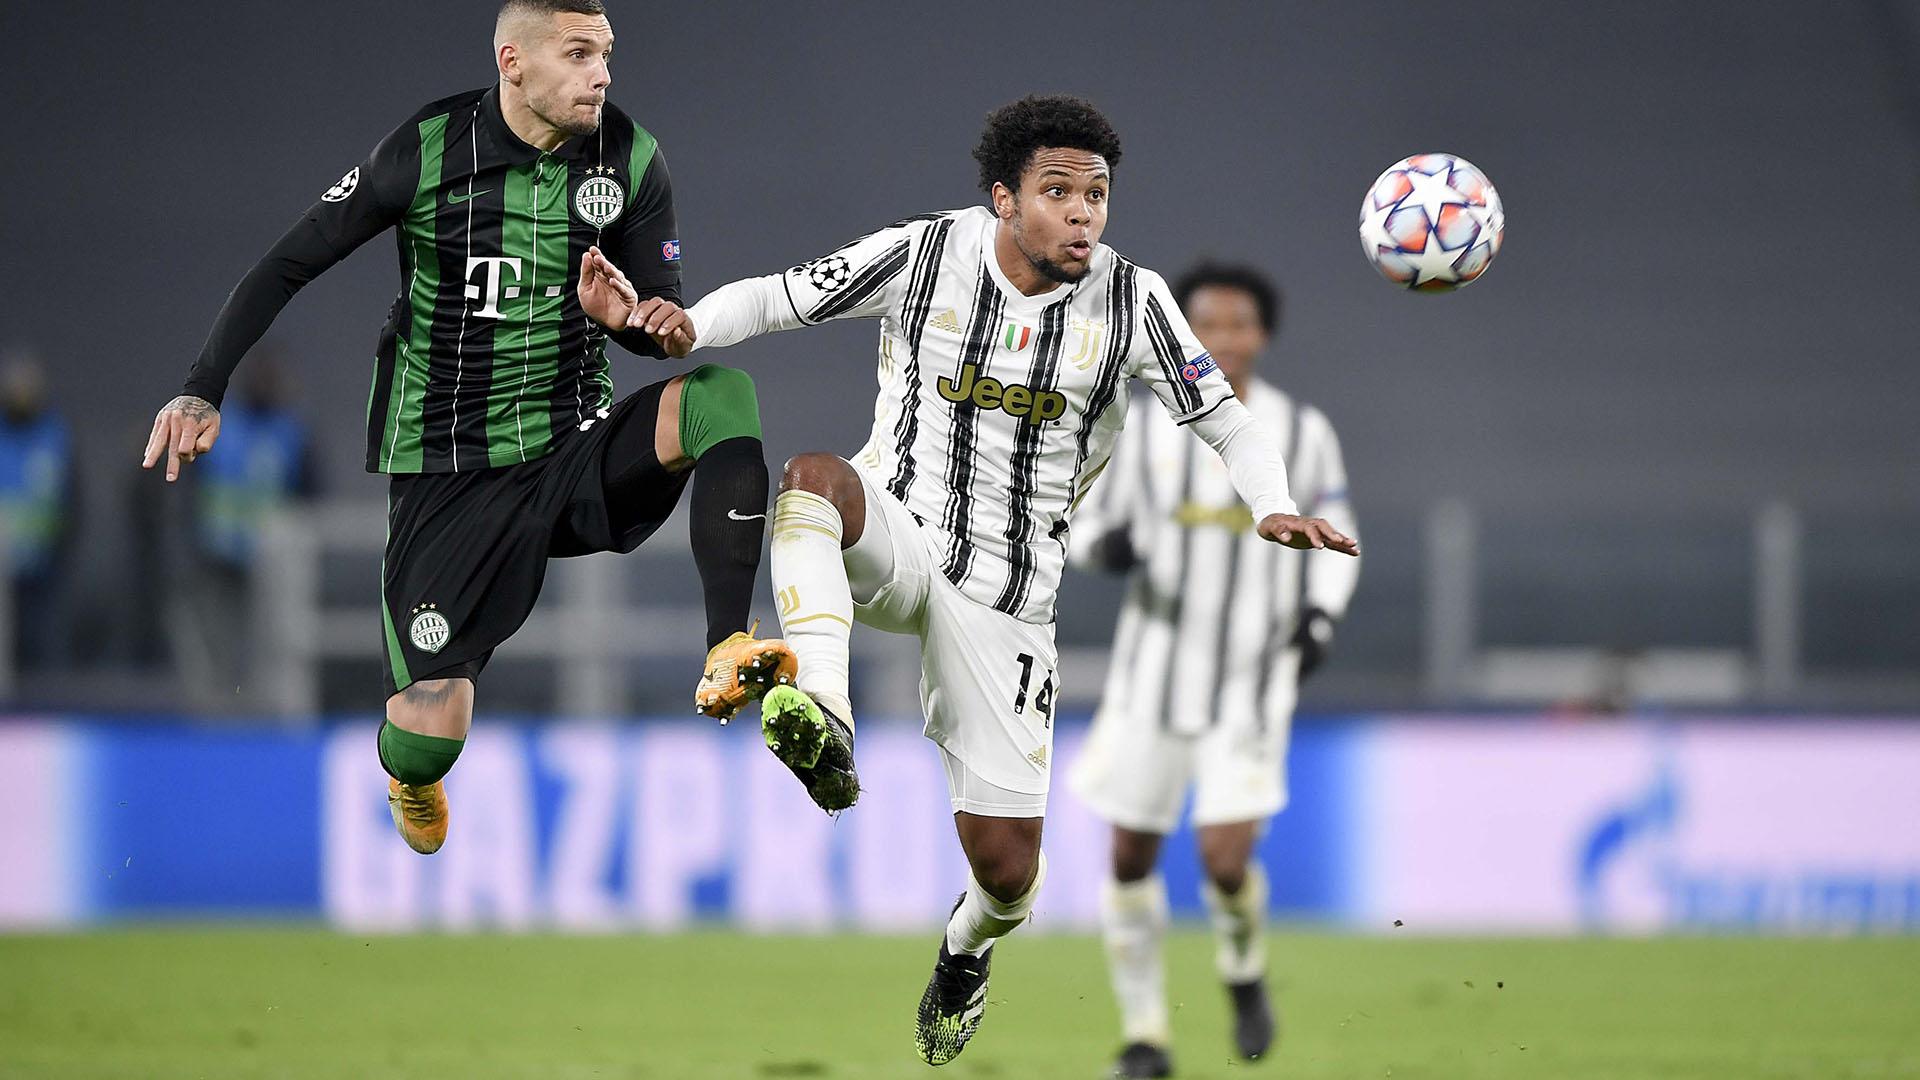 Champions League: Juventus-Ferencvaros 2-1, le foto - Champions League:  Juventus-Ferencvaros 2-1, le foto | Virgilio Sport